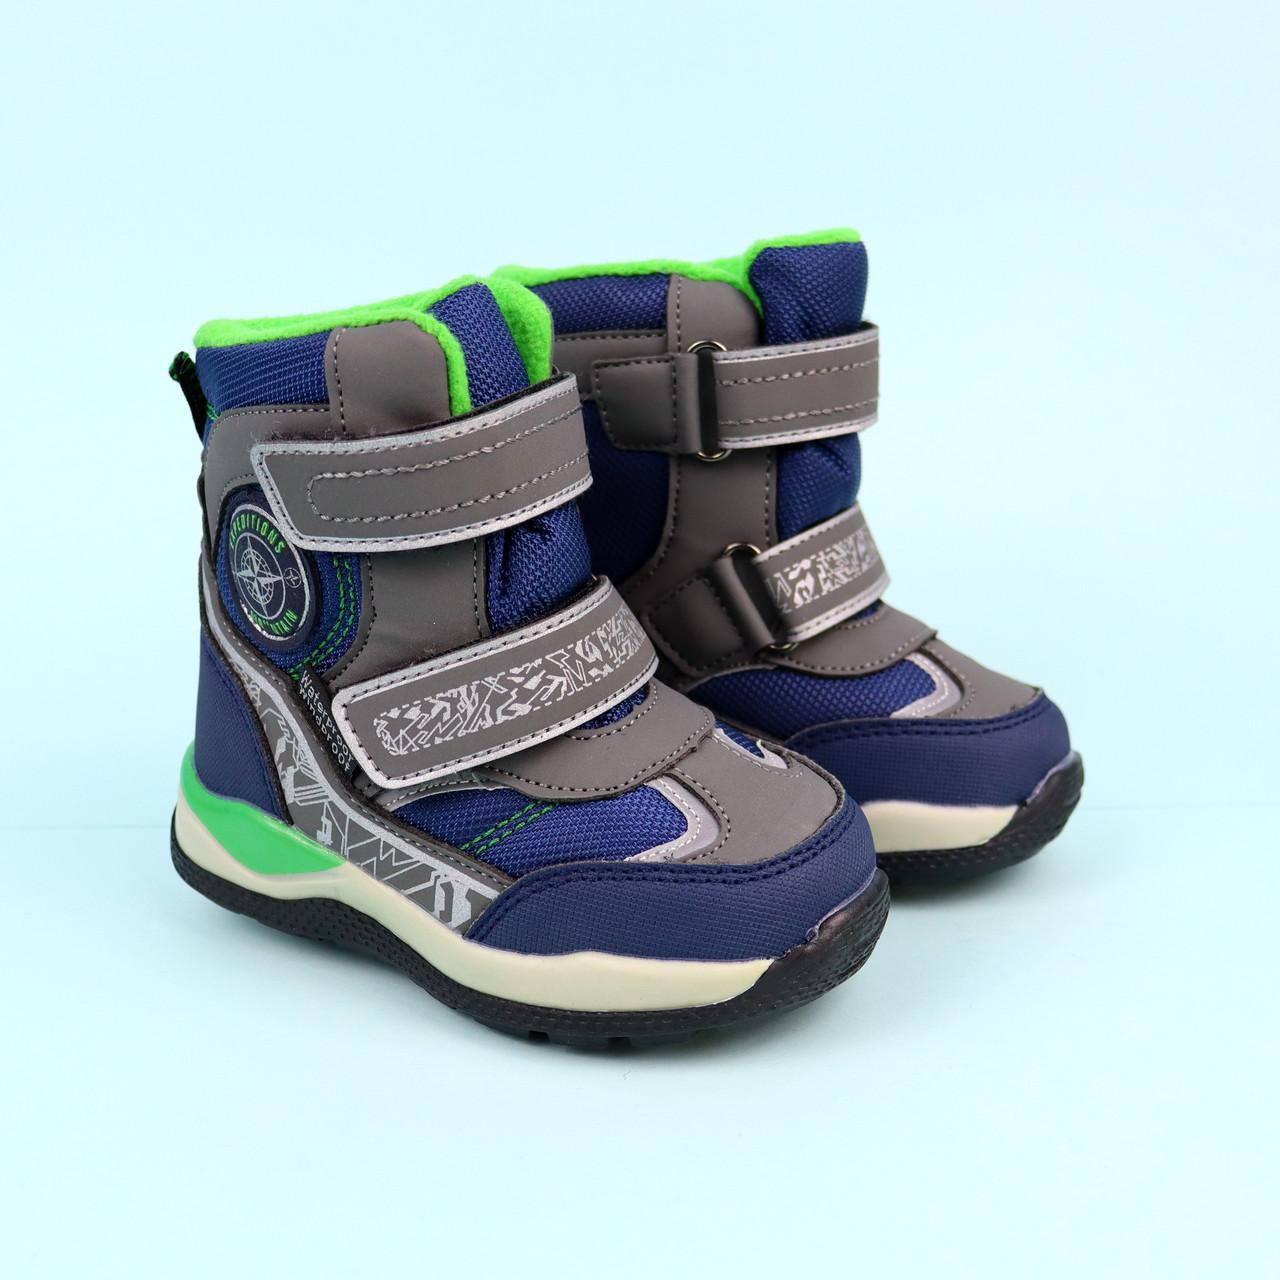 Термо ботинки серые для мальчика тм Том.м размер 23,24,25